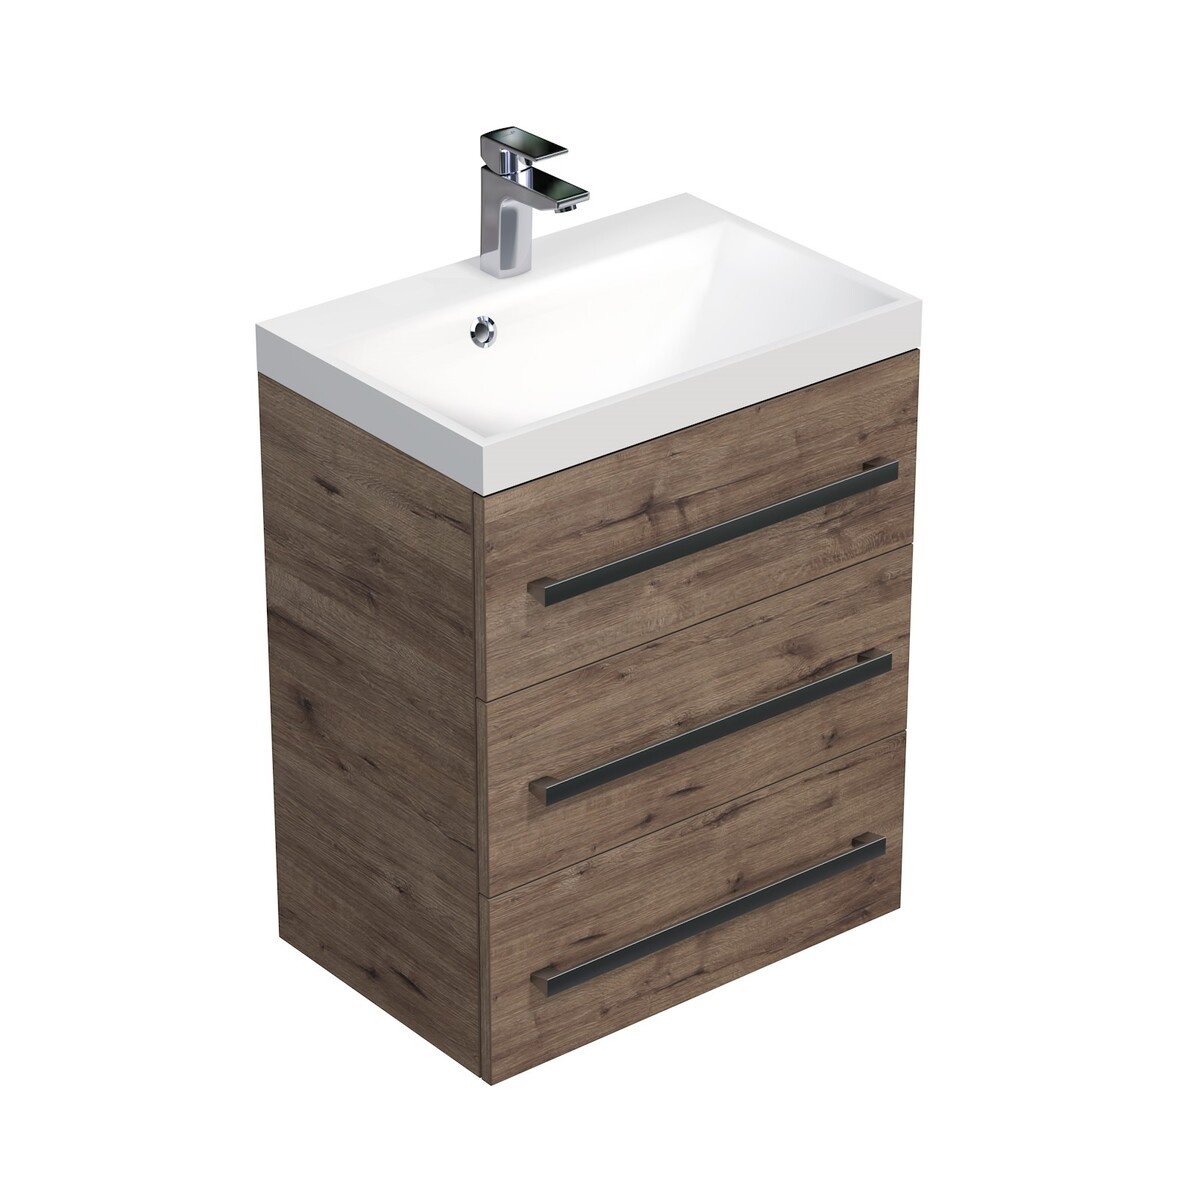 Koupelnová skříňka s umyvadlem Naturel Cube Way 60x76,5x40 cm dub wellington CUBE2603DW